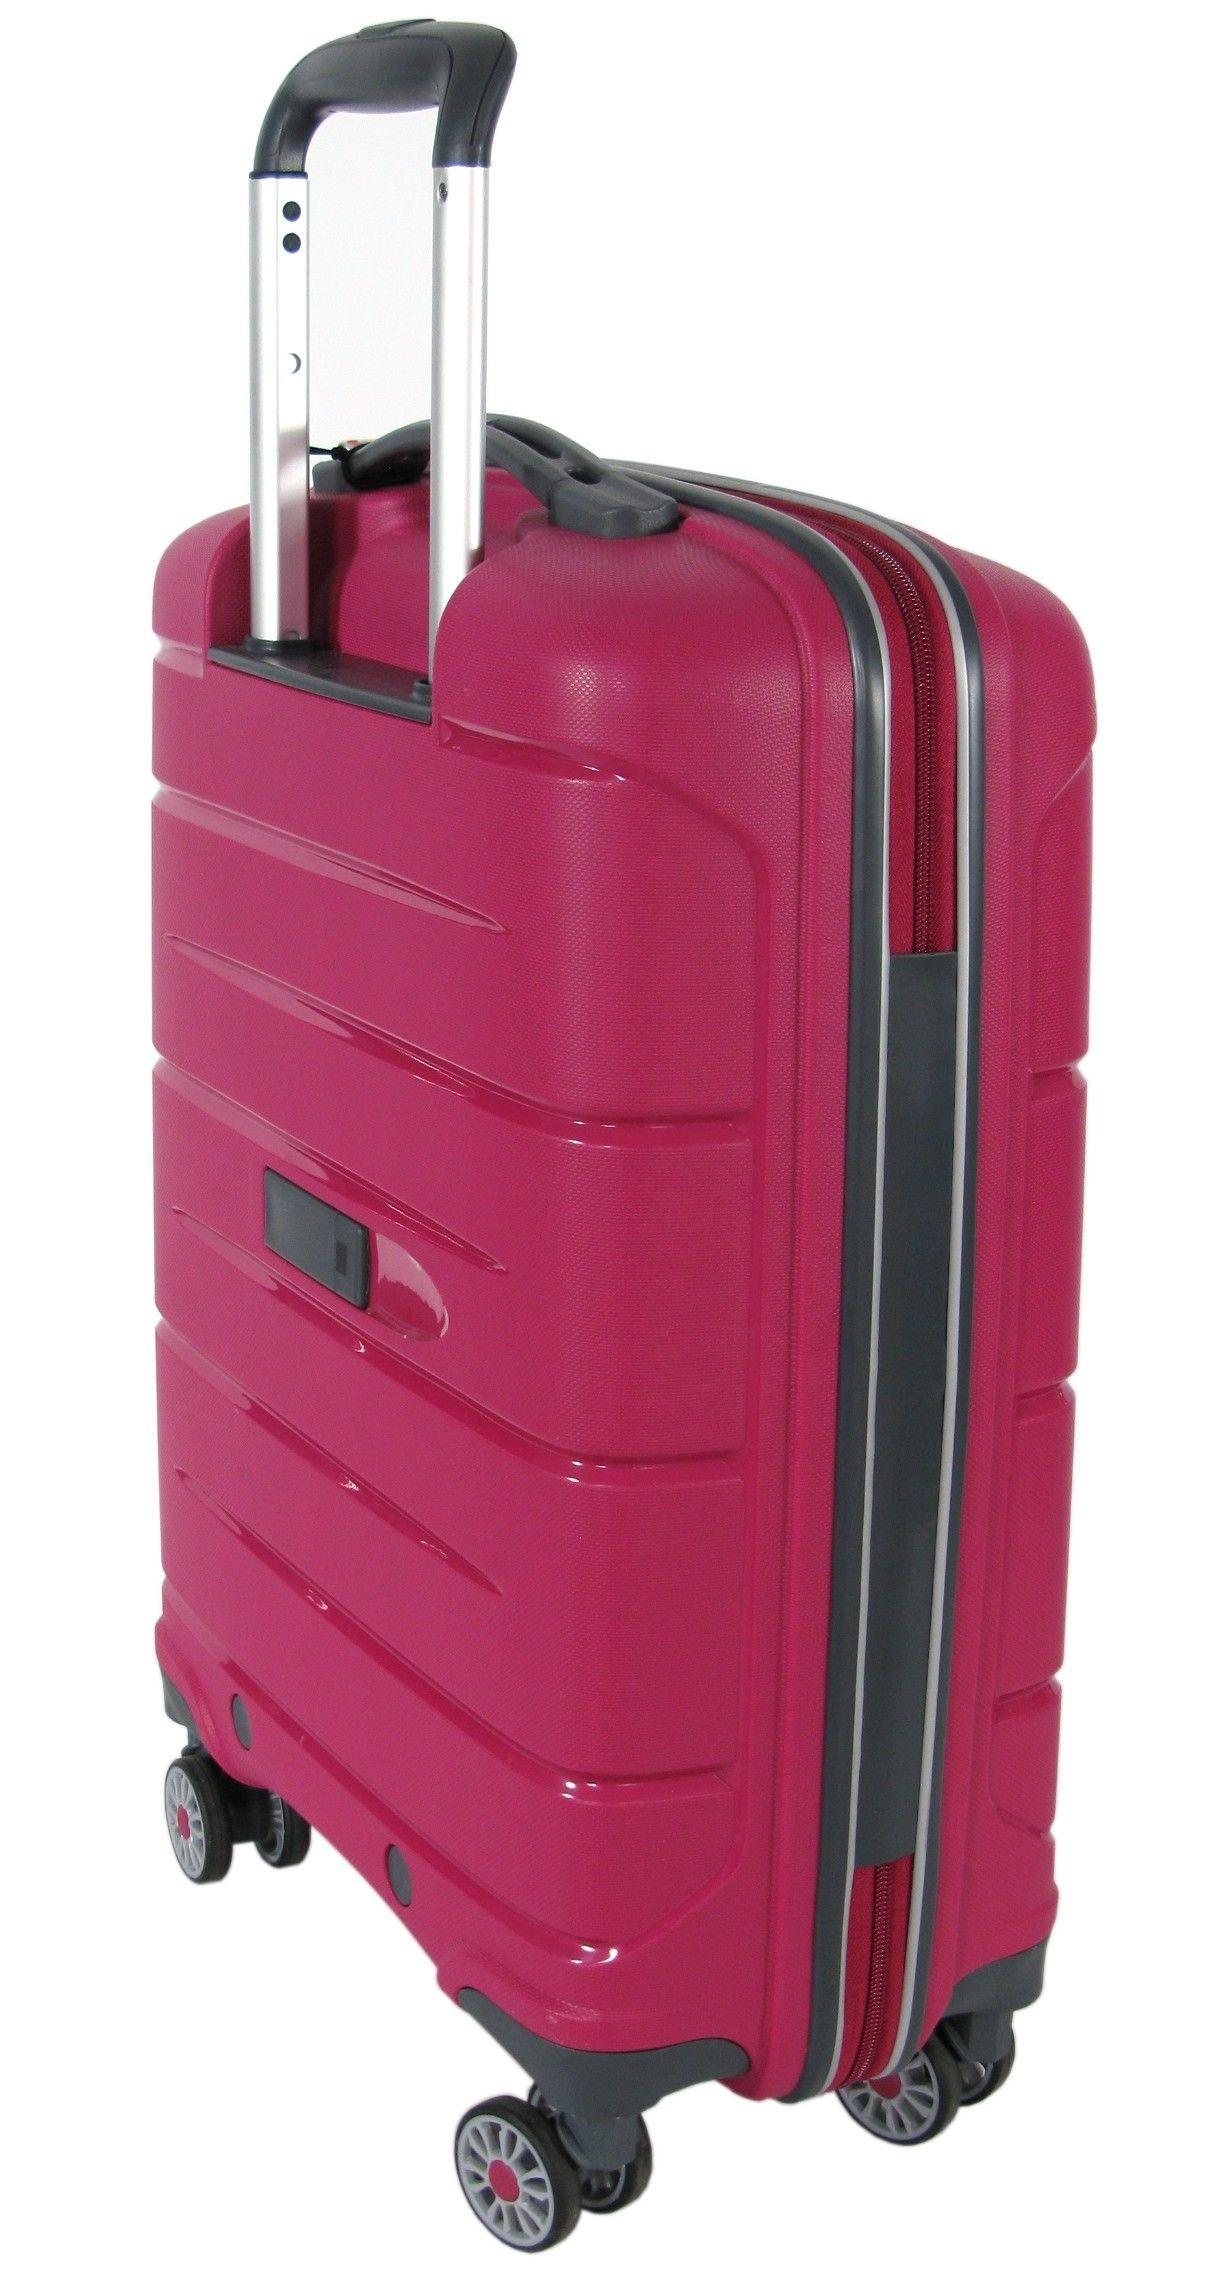 a0370fa2baa6 Mała walizka na kółkach RONCATO MODO zamek TSA różowa